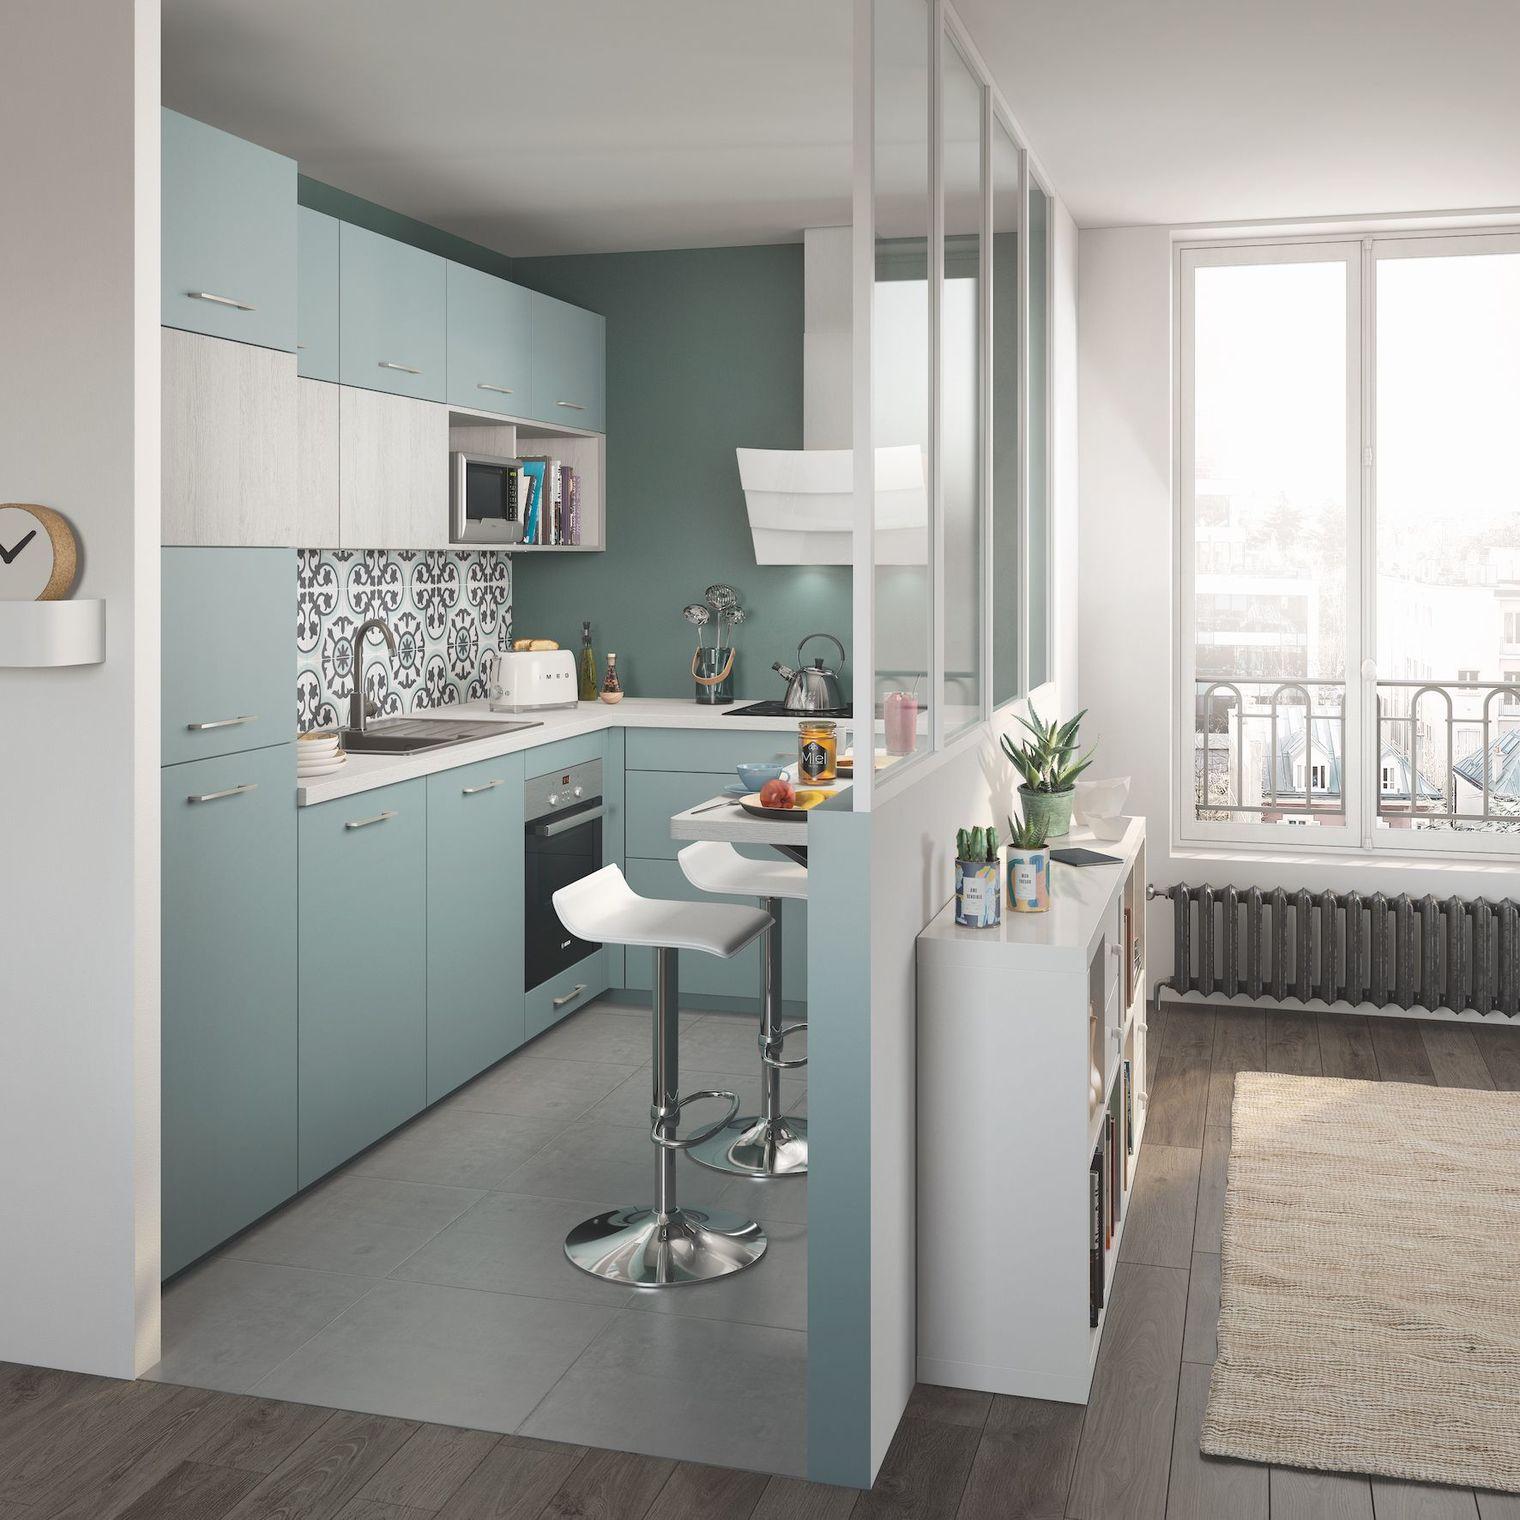 Decoração moderna com armário azul e azulejo colorido.